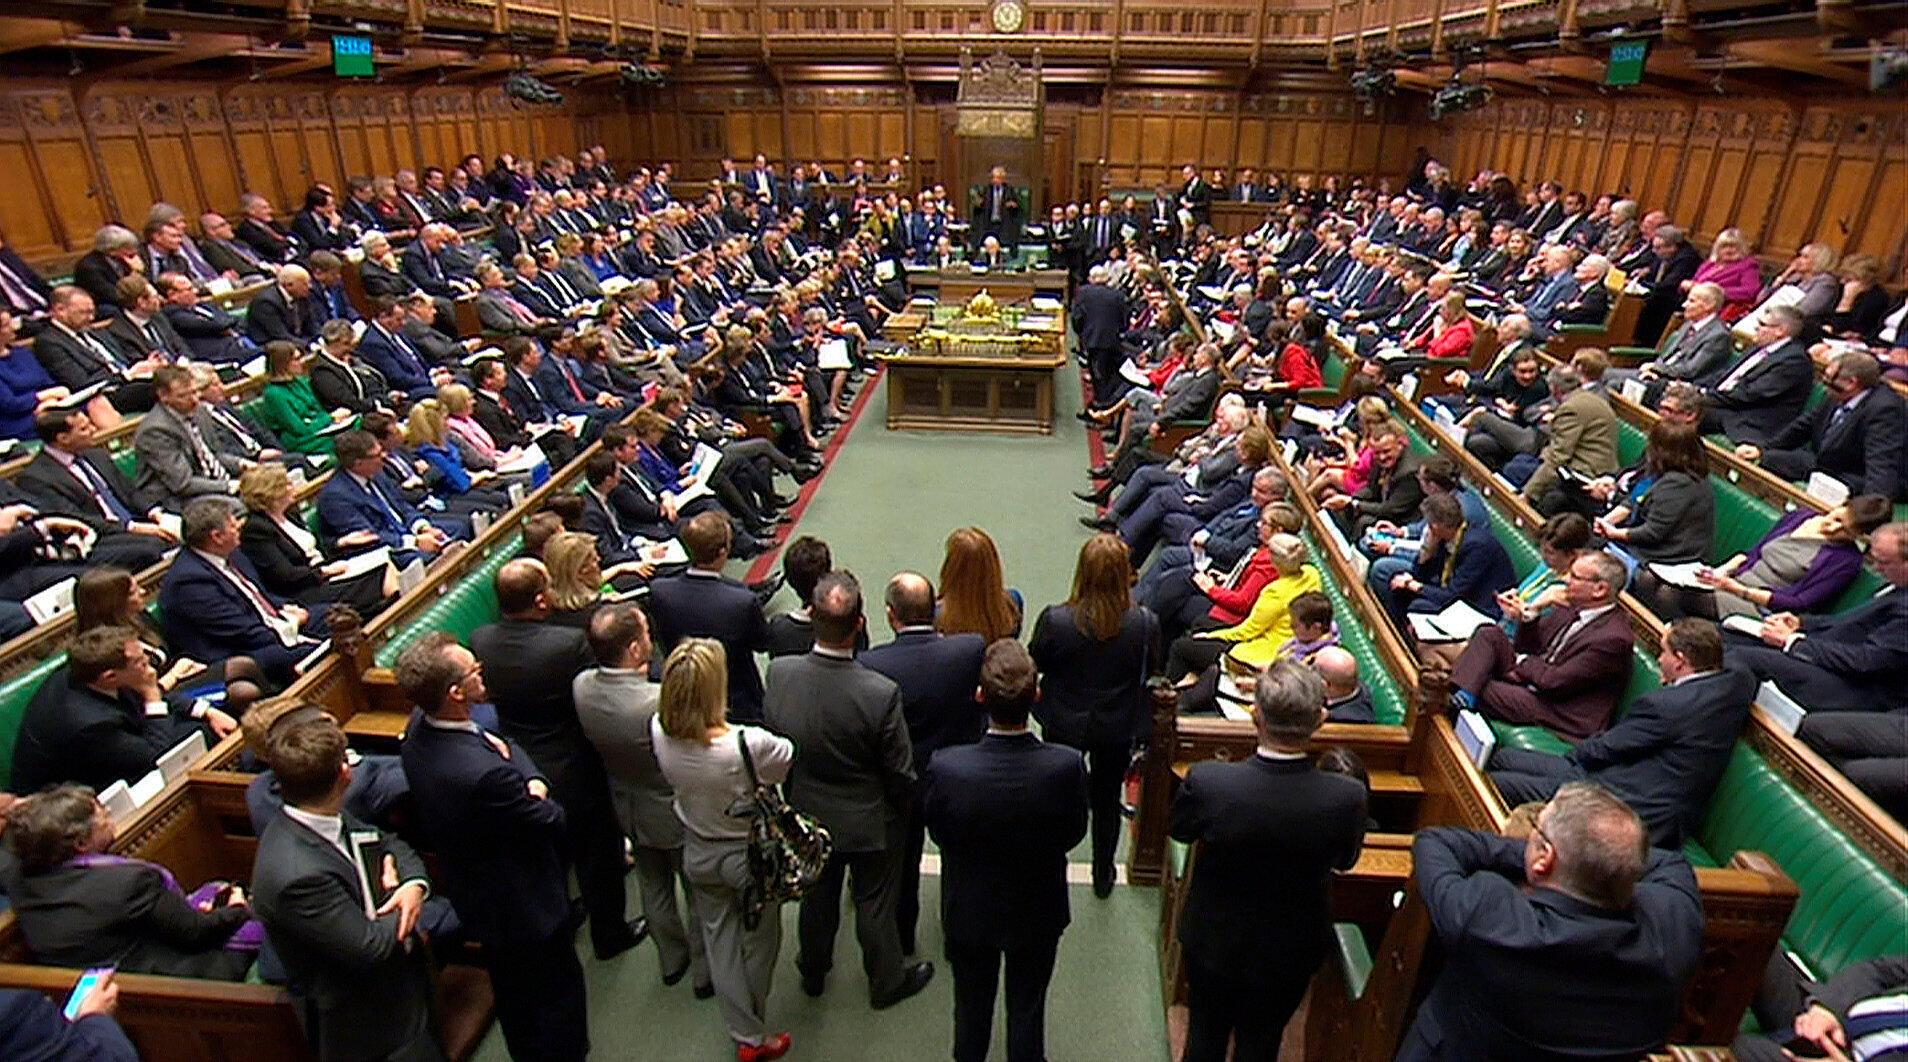 A premiê britânica Theresa May faz discurso diante das Câmaras dos Comuns do Parlamento britânico onde reage ao envenenamento de ex-espião russo.